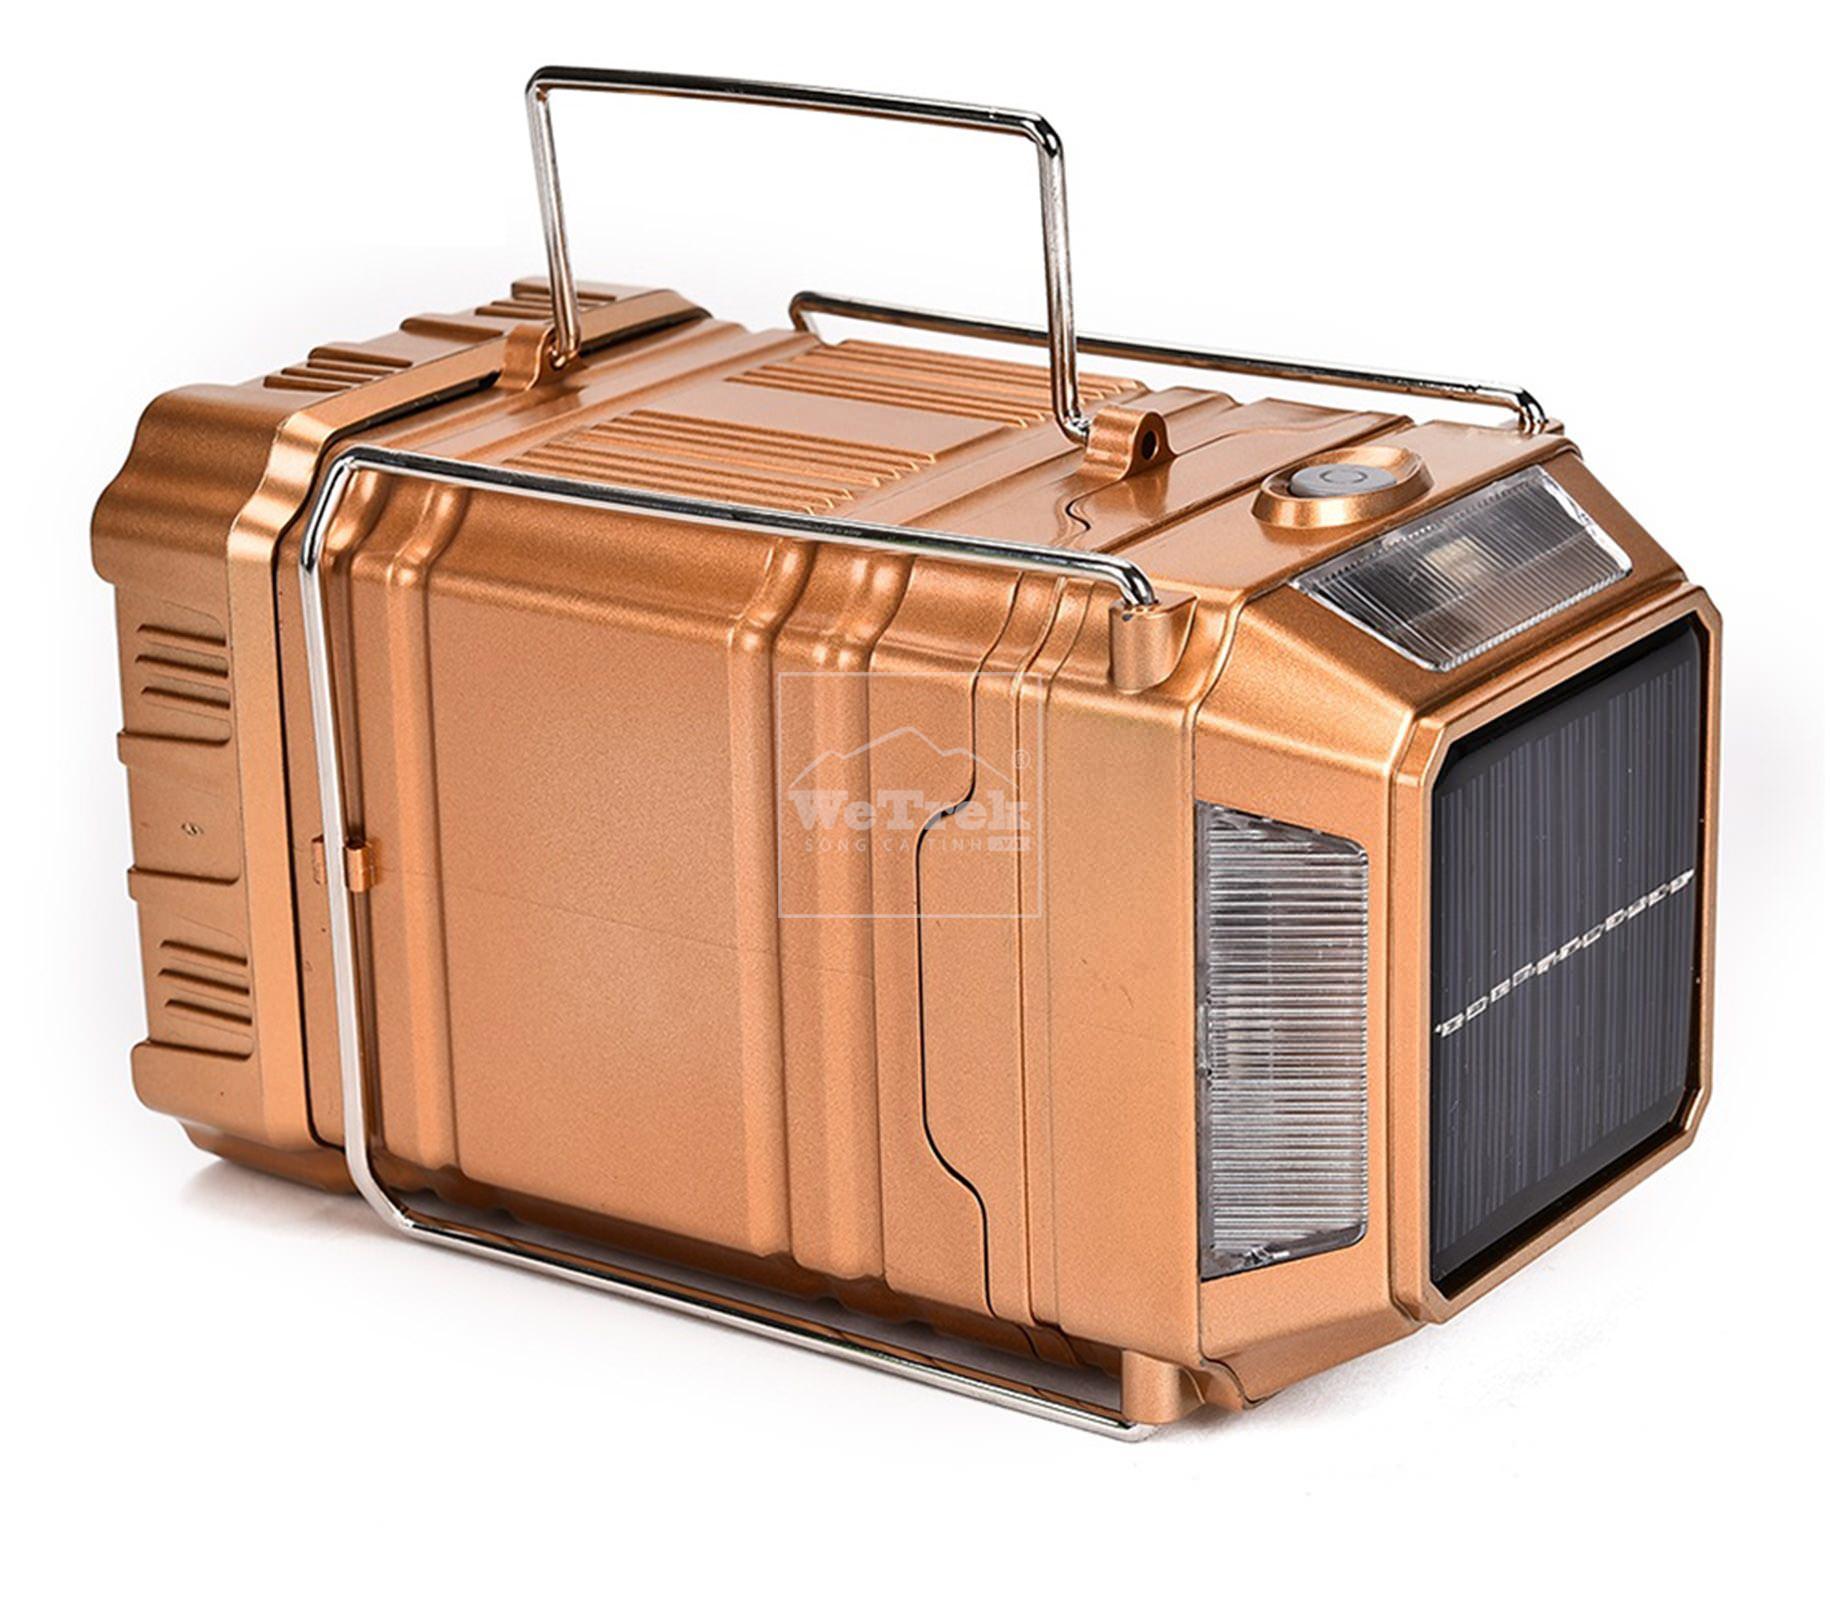 den-leu-8-4-1-led-rechargeable-camping-lantern-gsh-9009a-wetrek.vn-2